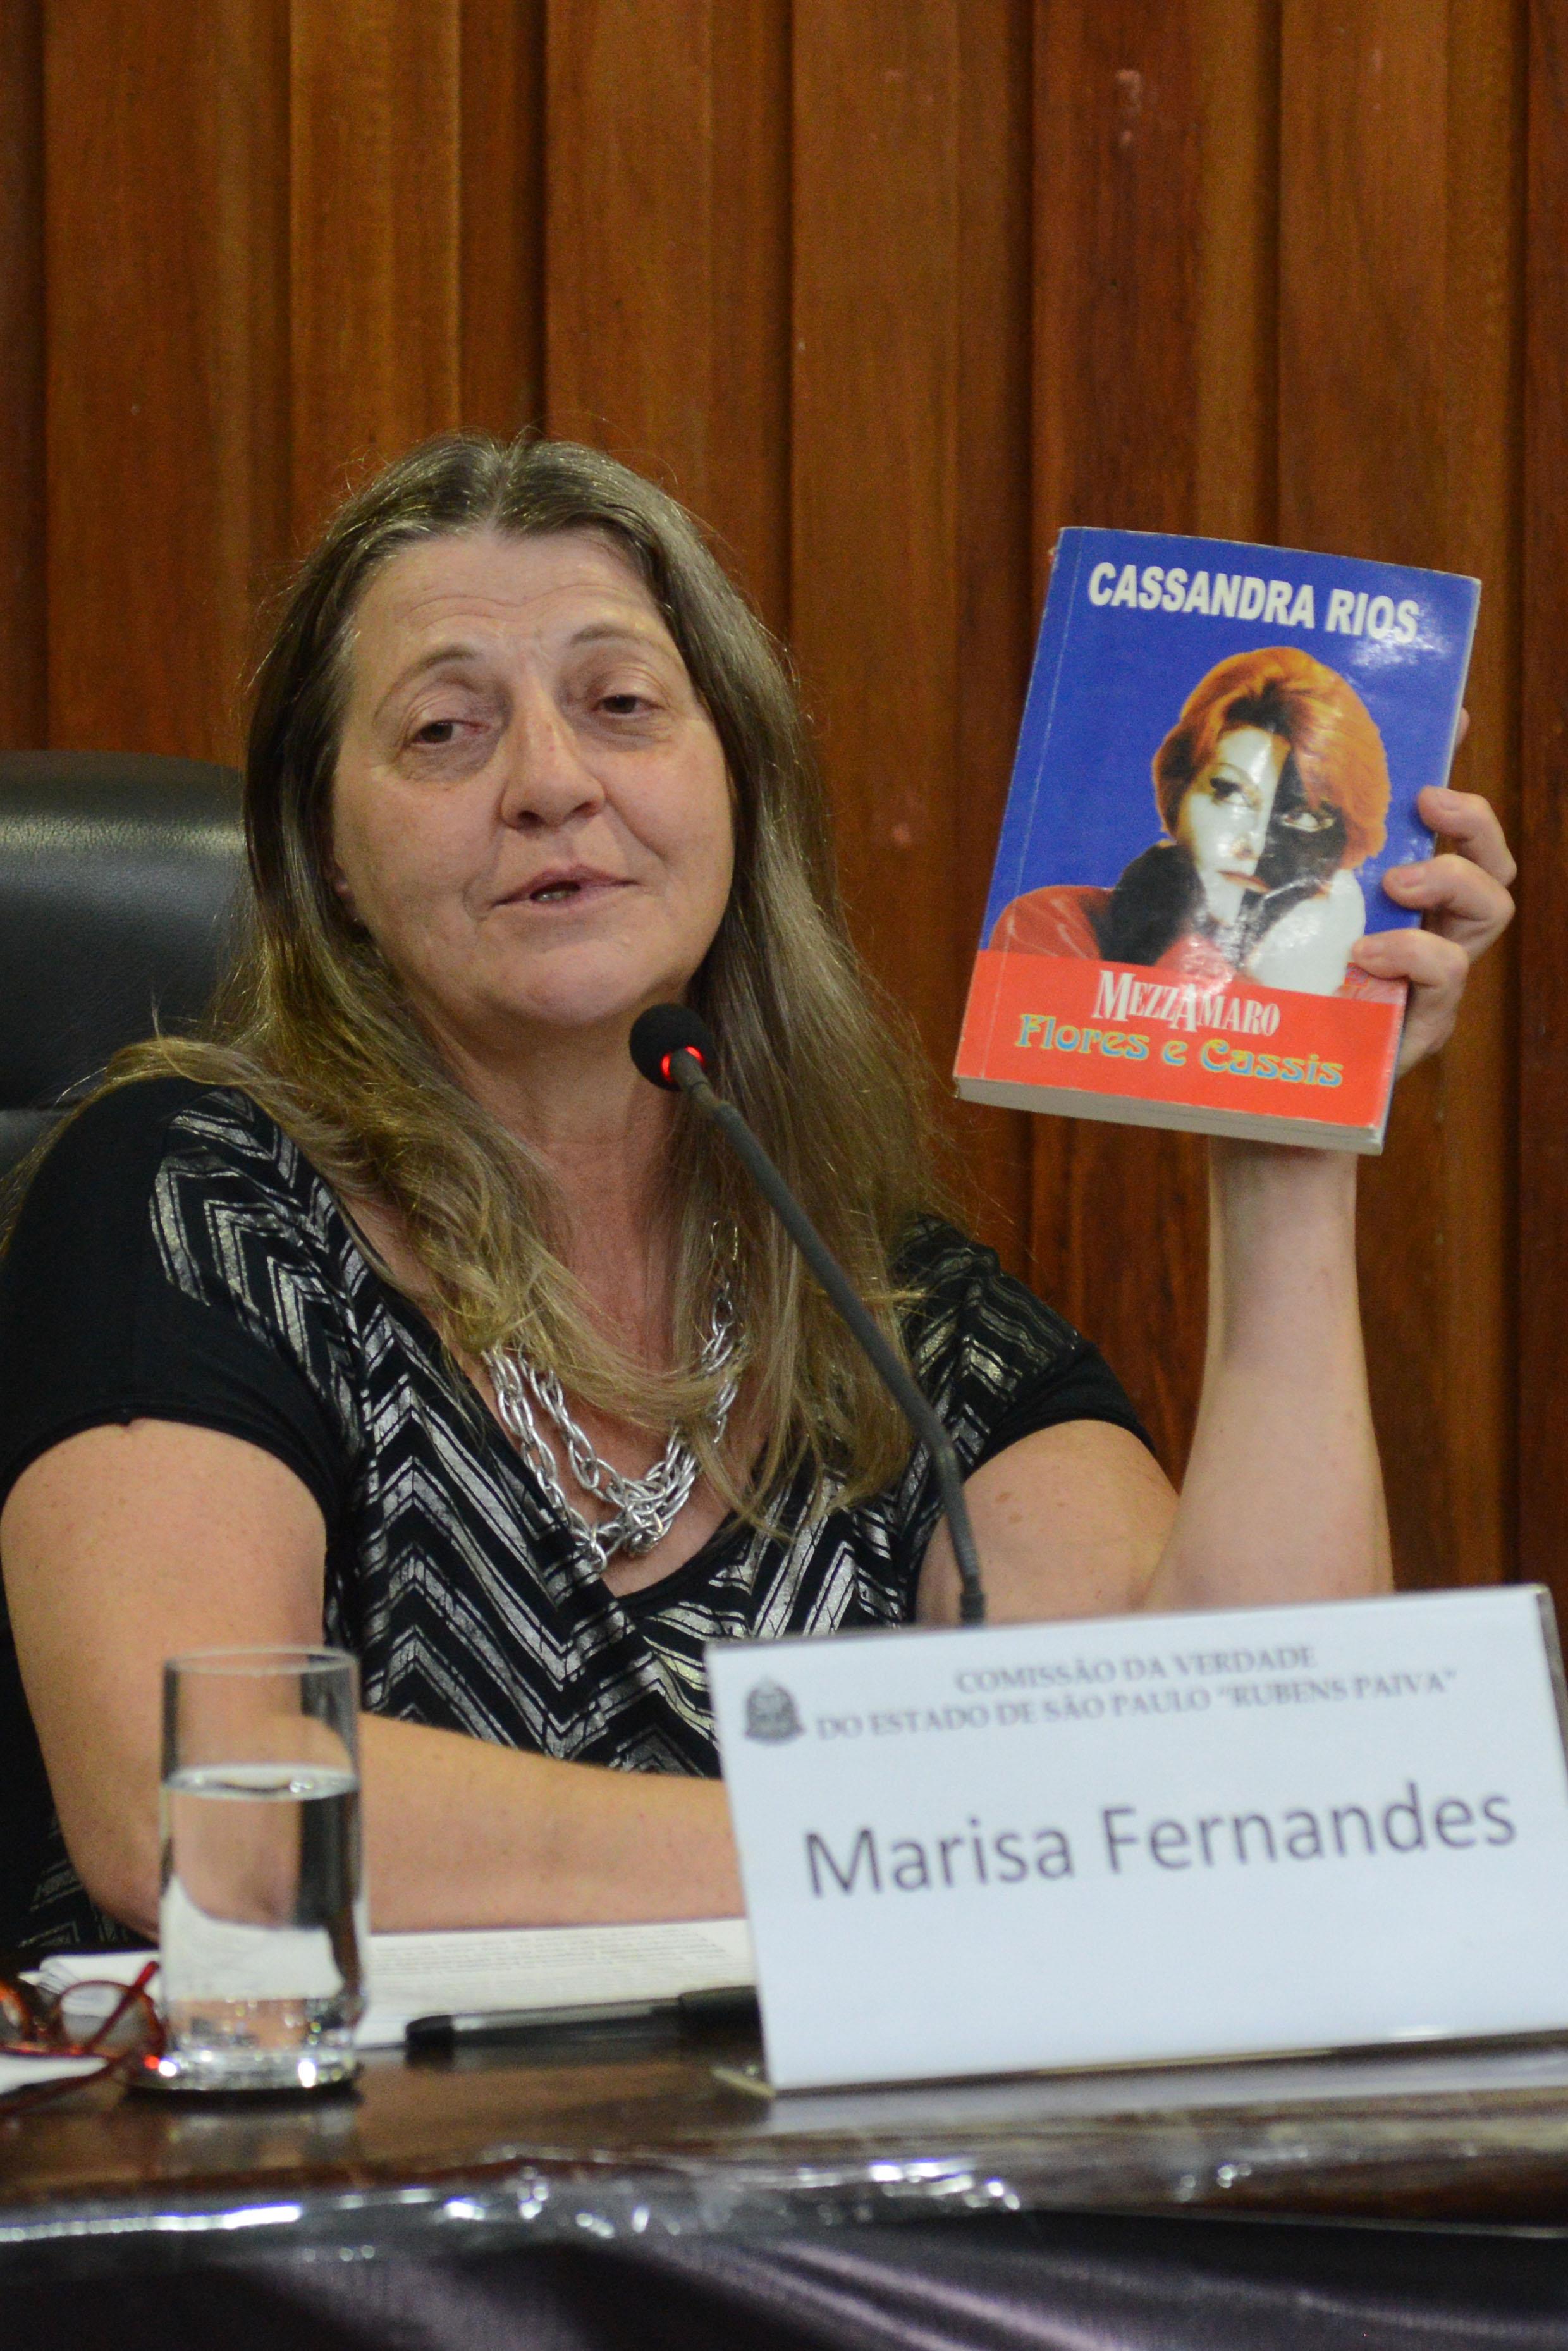 Marisa Fernandes e publicação da escritora Cassandra Rios <a style='float:right' href='https://www3.al.sp.gov.br/repositorio/noticia/N-11-2013/fg149485.jpg' target=_blank><img src='/_img/material-file-download-white.png' width='14px' alt='Clique para baixar a imagem'></a>